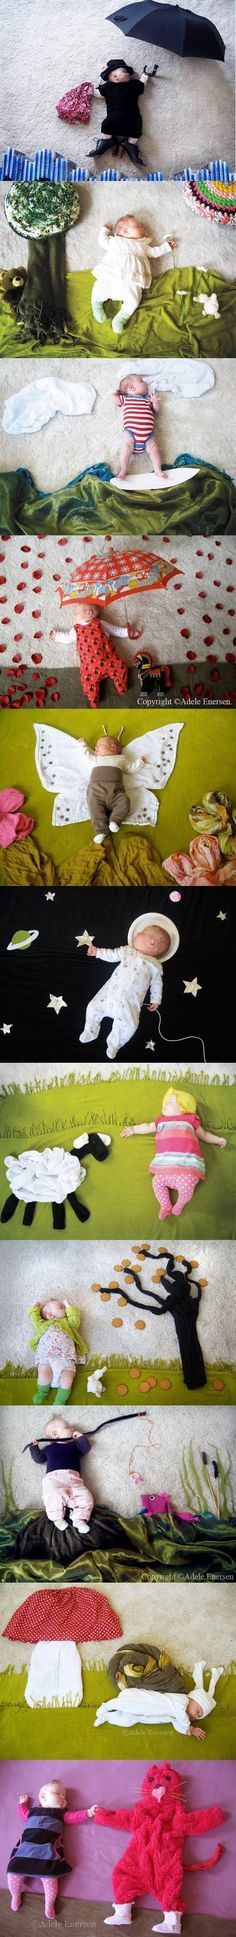 Durante os primeiros meses de Catarina, aquela fase em que o bebê é a coisa mais linda do mundo (e também mais trabalhosa), meu sonho era conseguir tirar u